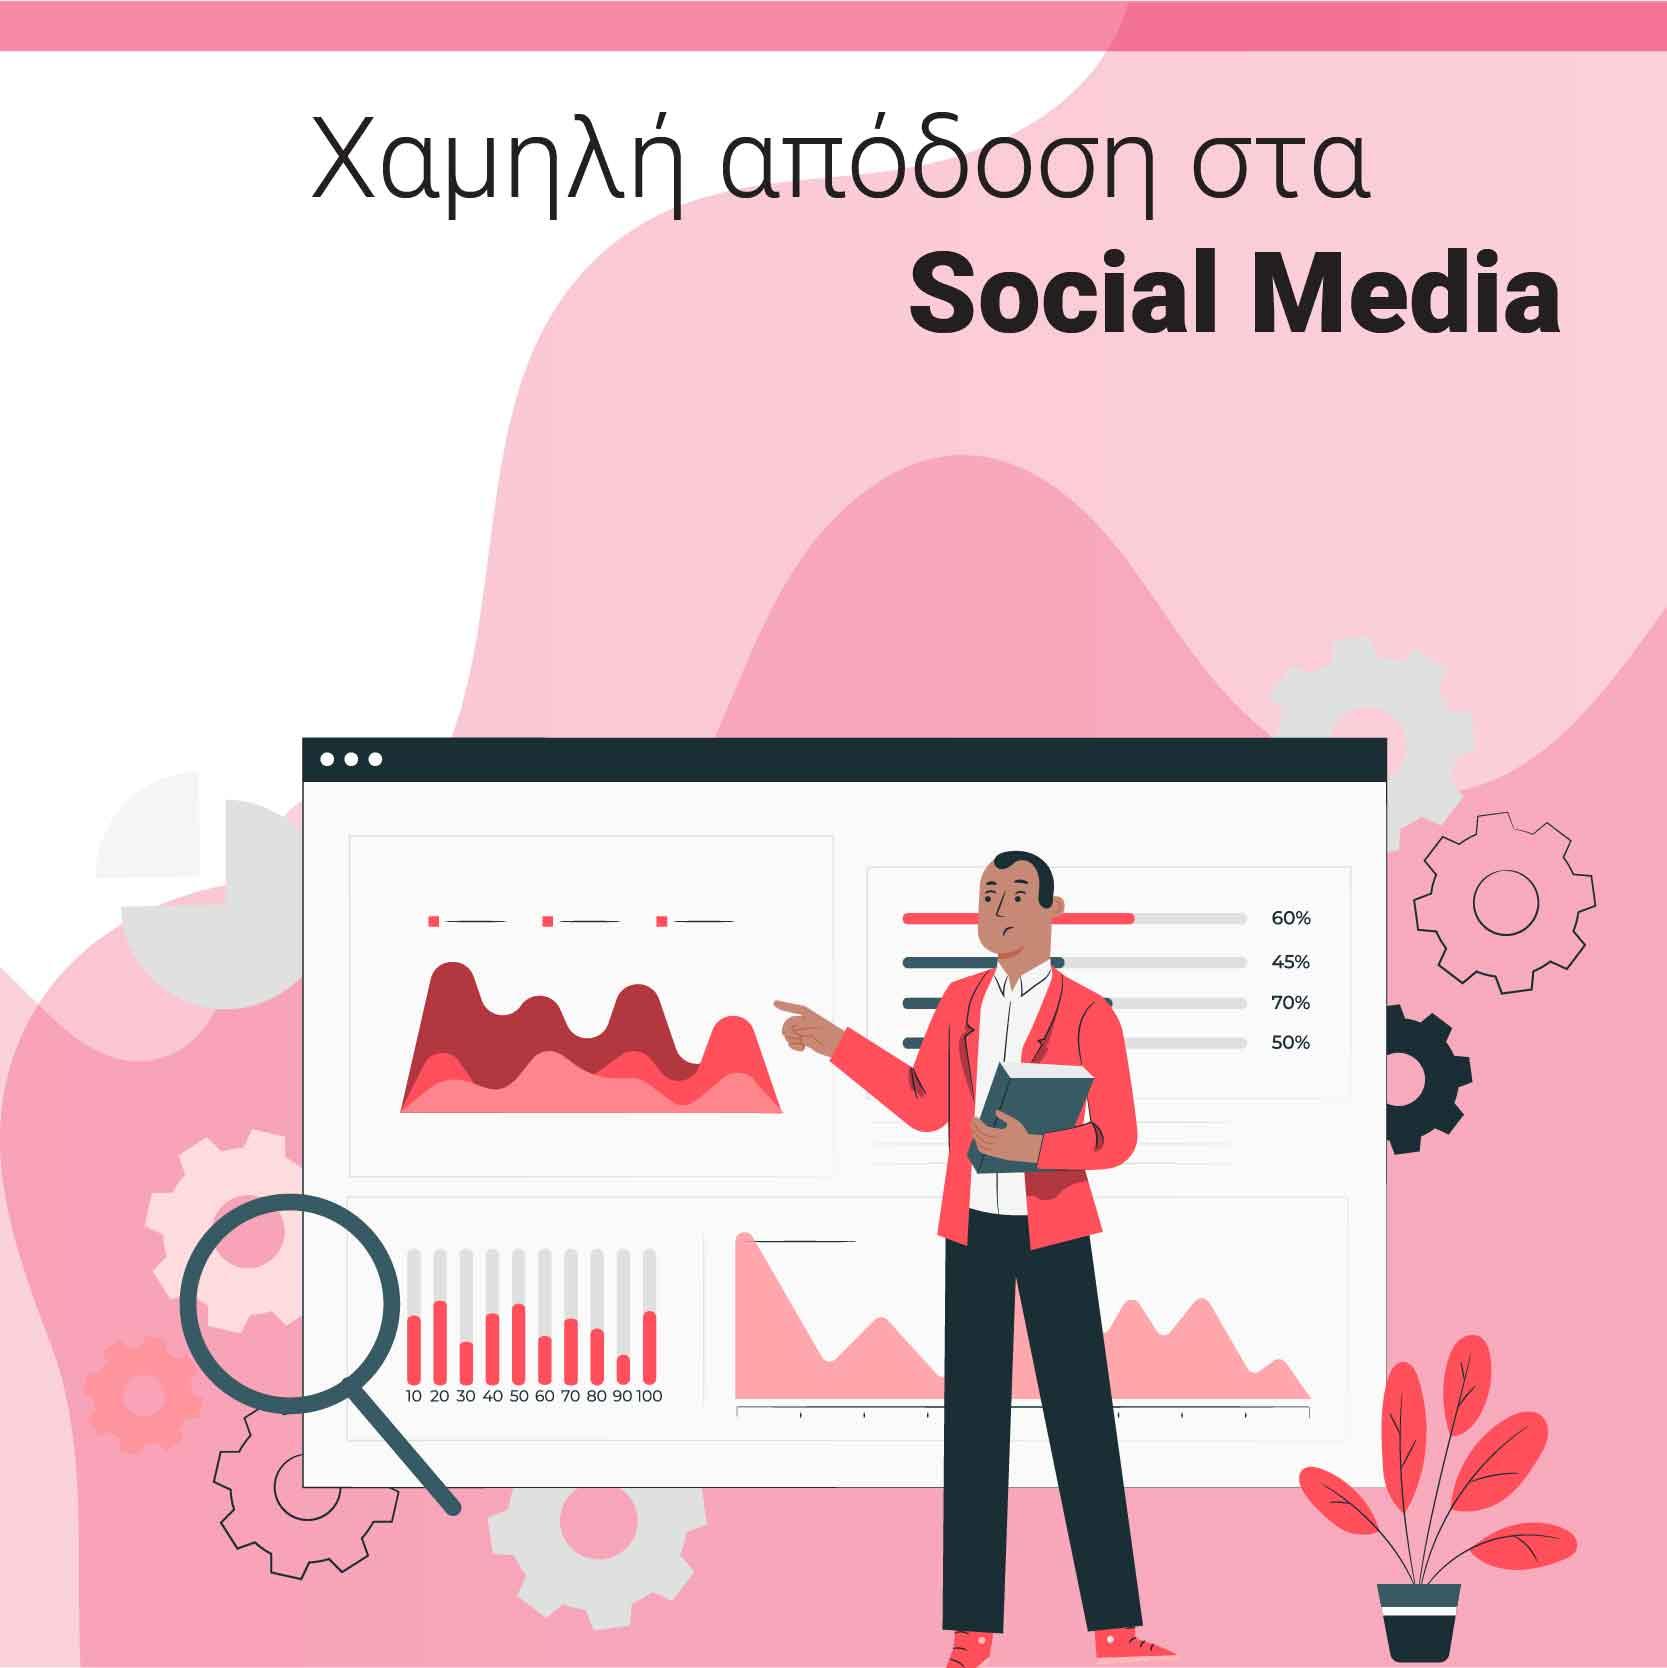 Χαμηλή απόδοση στα Social Media